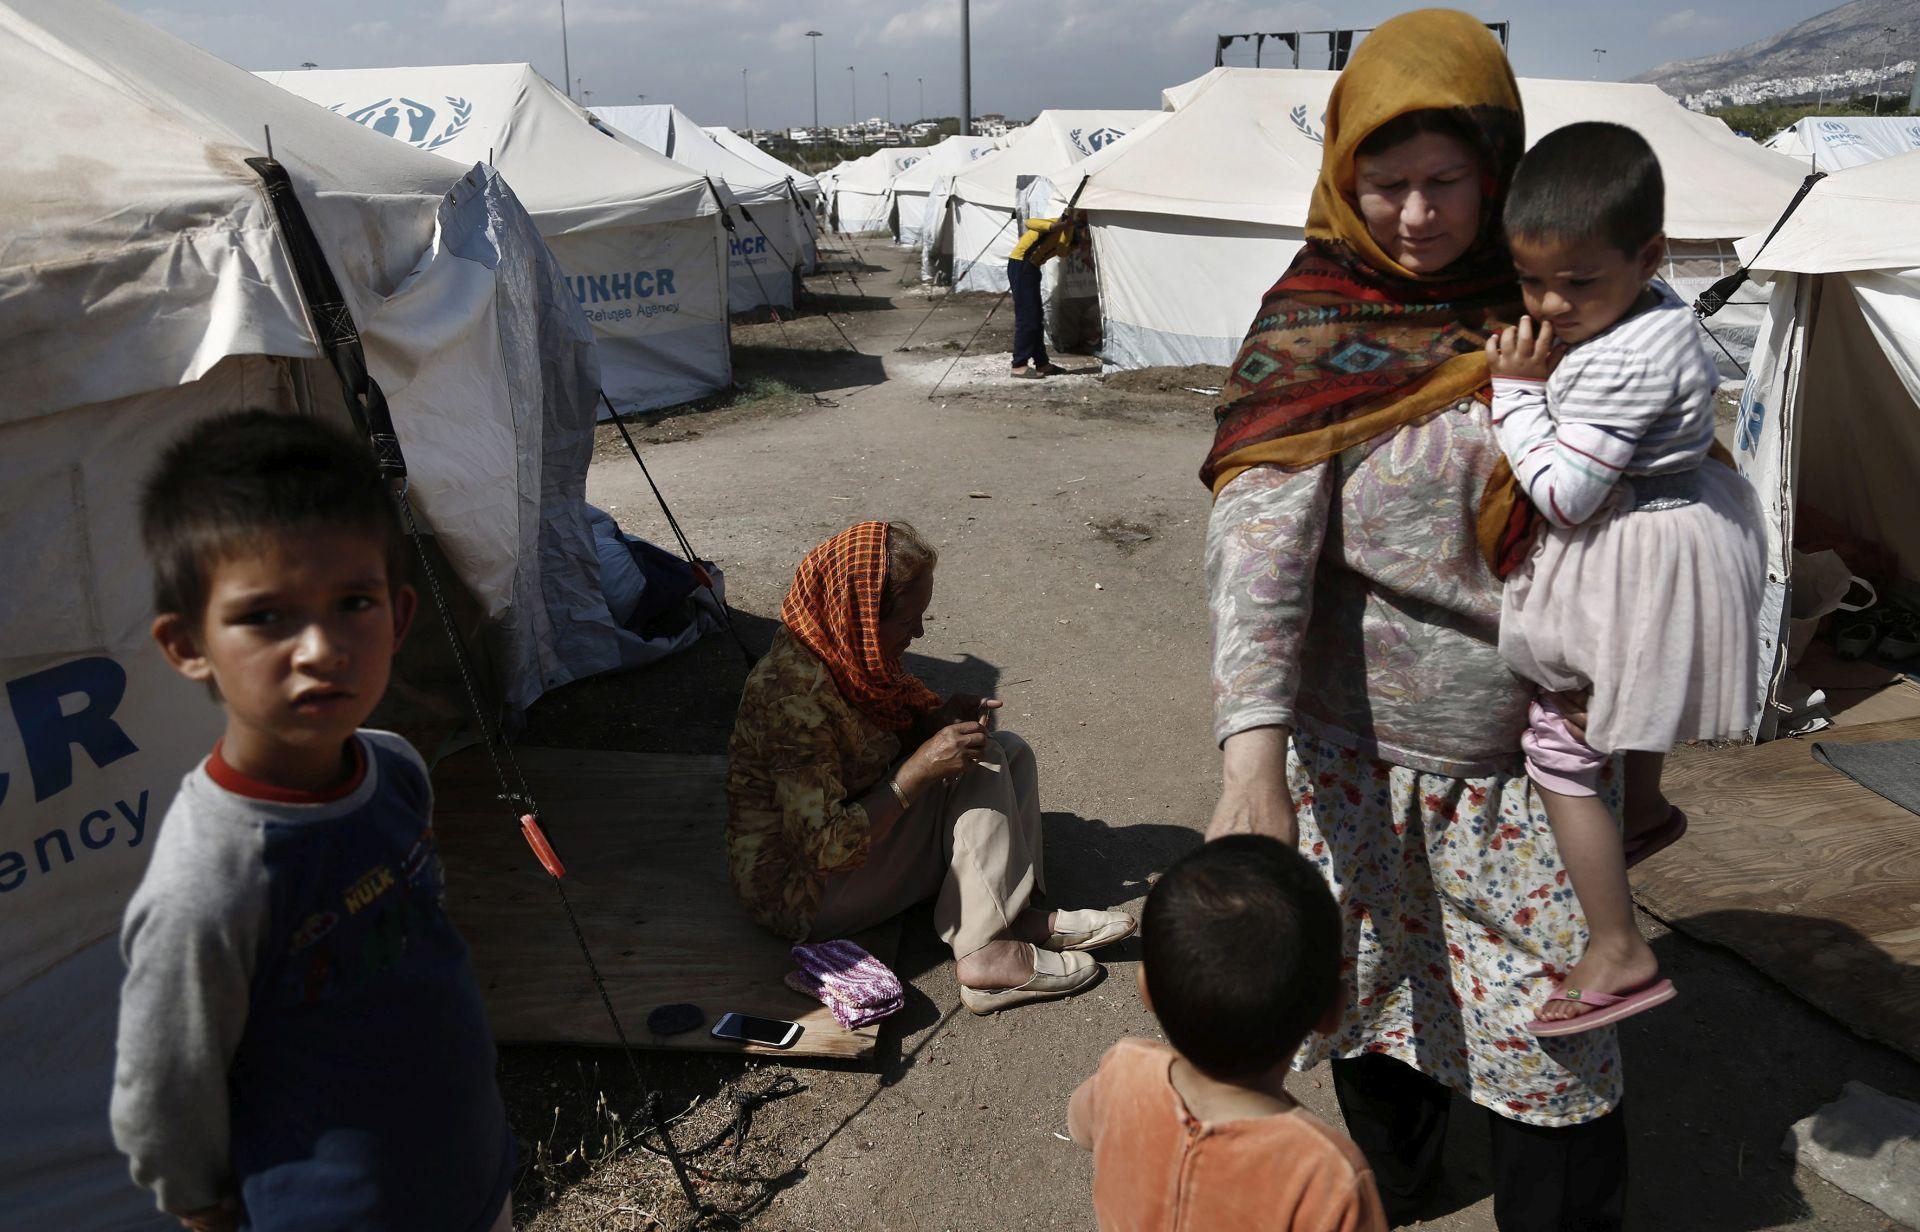 LJUDSKA PRAVA: Ujedinjeni narodi protiv zatvaranja djece u Grčkoj